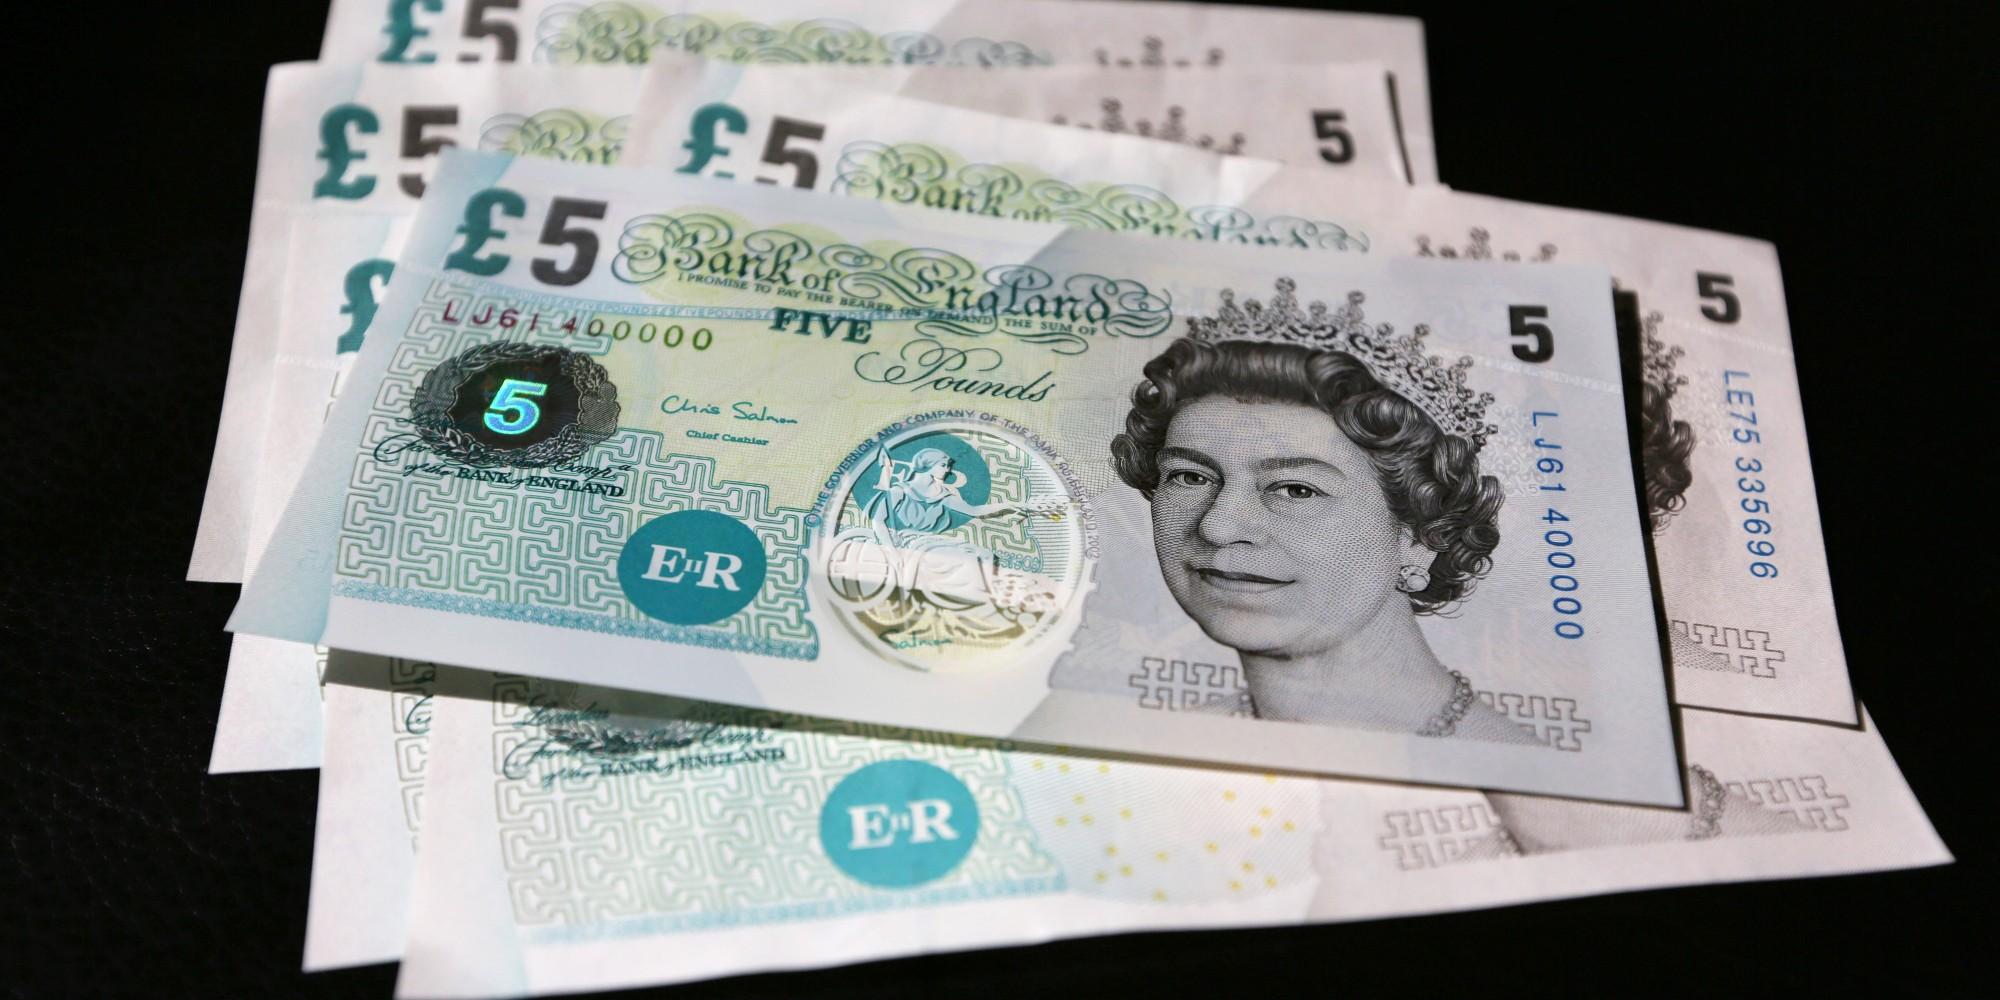 Вегетарианское кафе вКембридже отказалось принимать новые купюры в £5